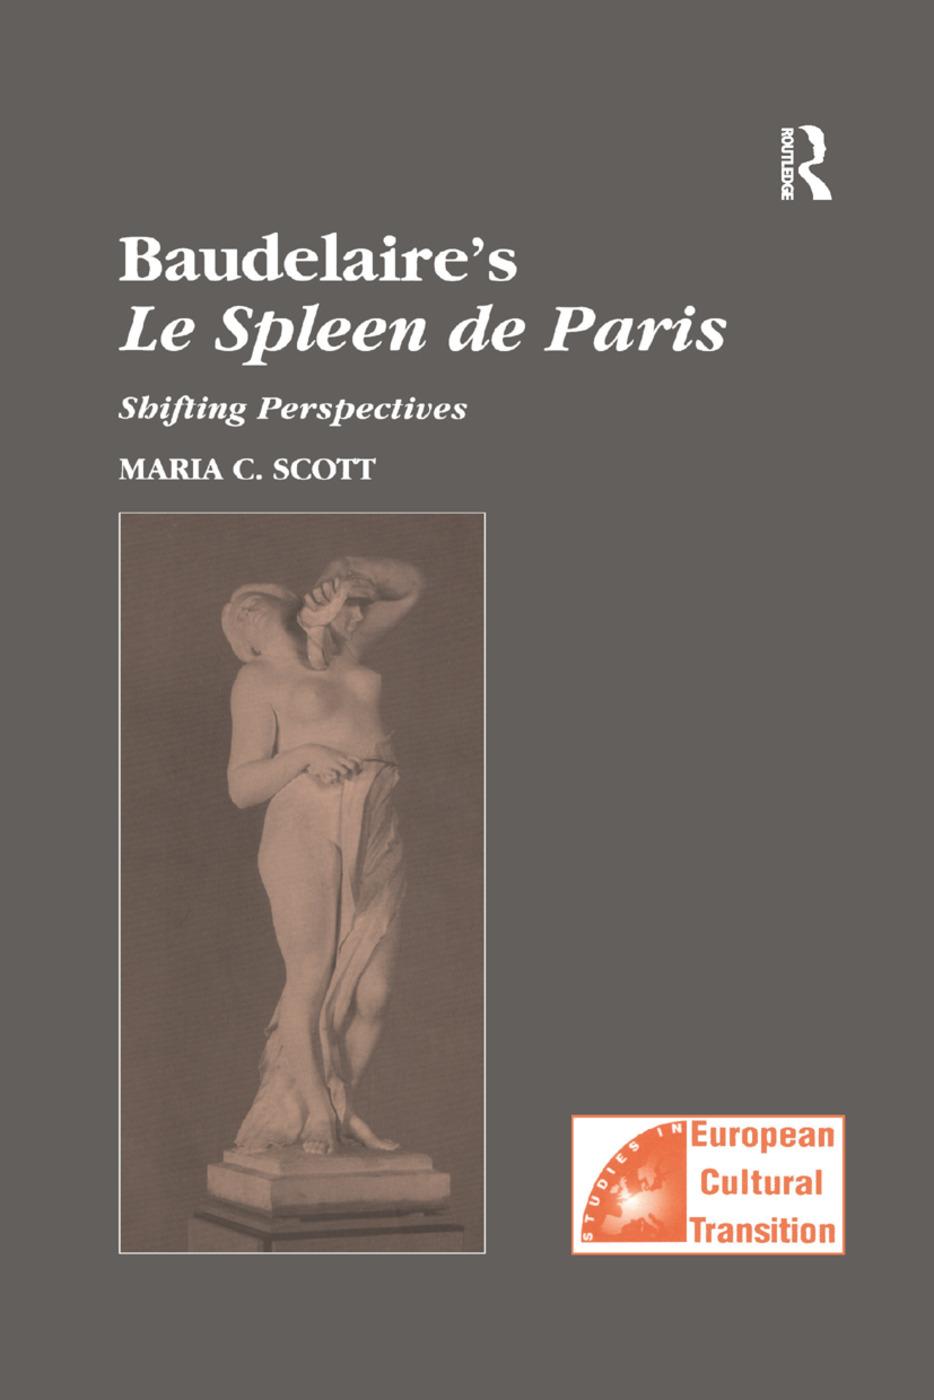 Baudelaire's Le Spleen de Paris